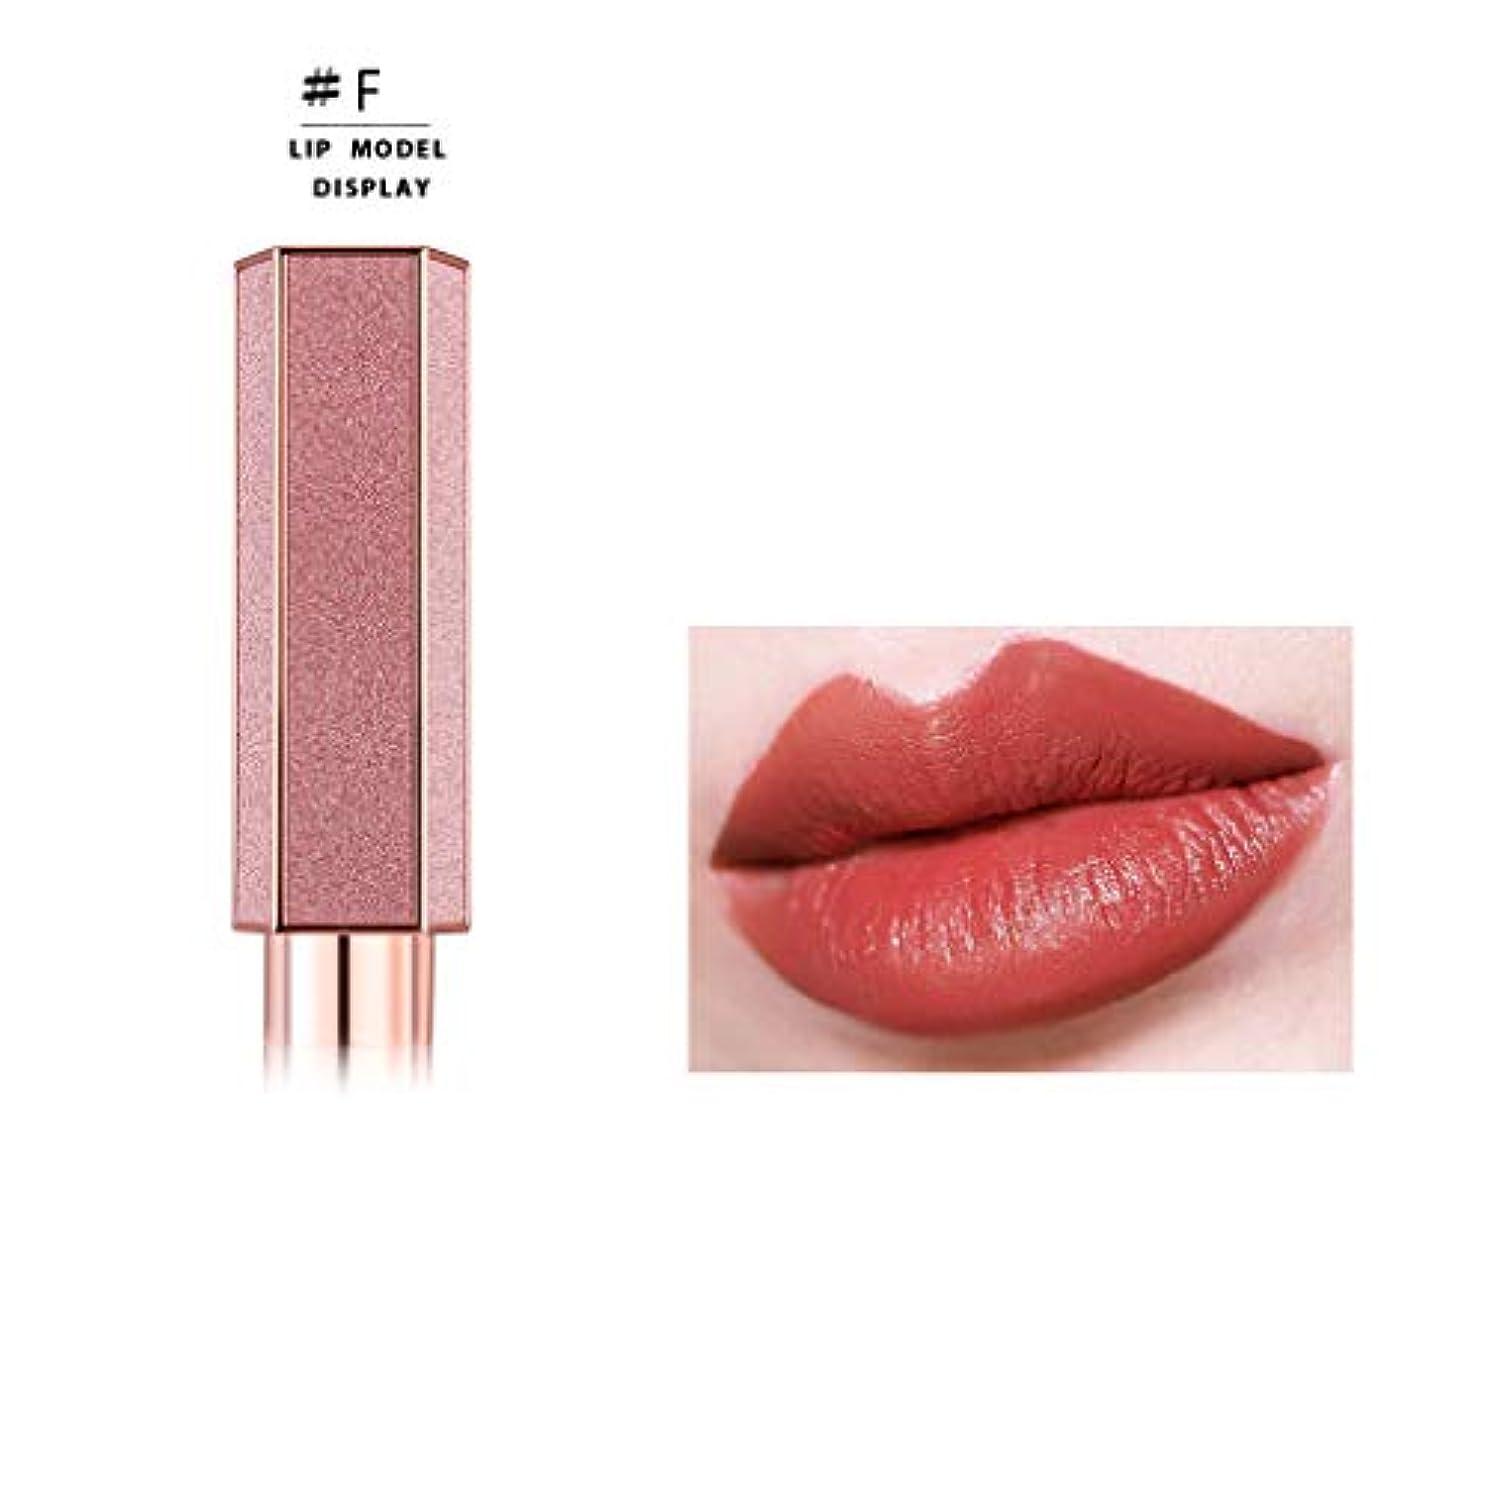 セメント鷹文字通り化粧品のWODWODの星空の口紅の口紅の長続きがする保湿の美